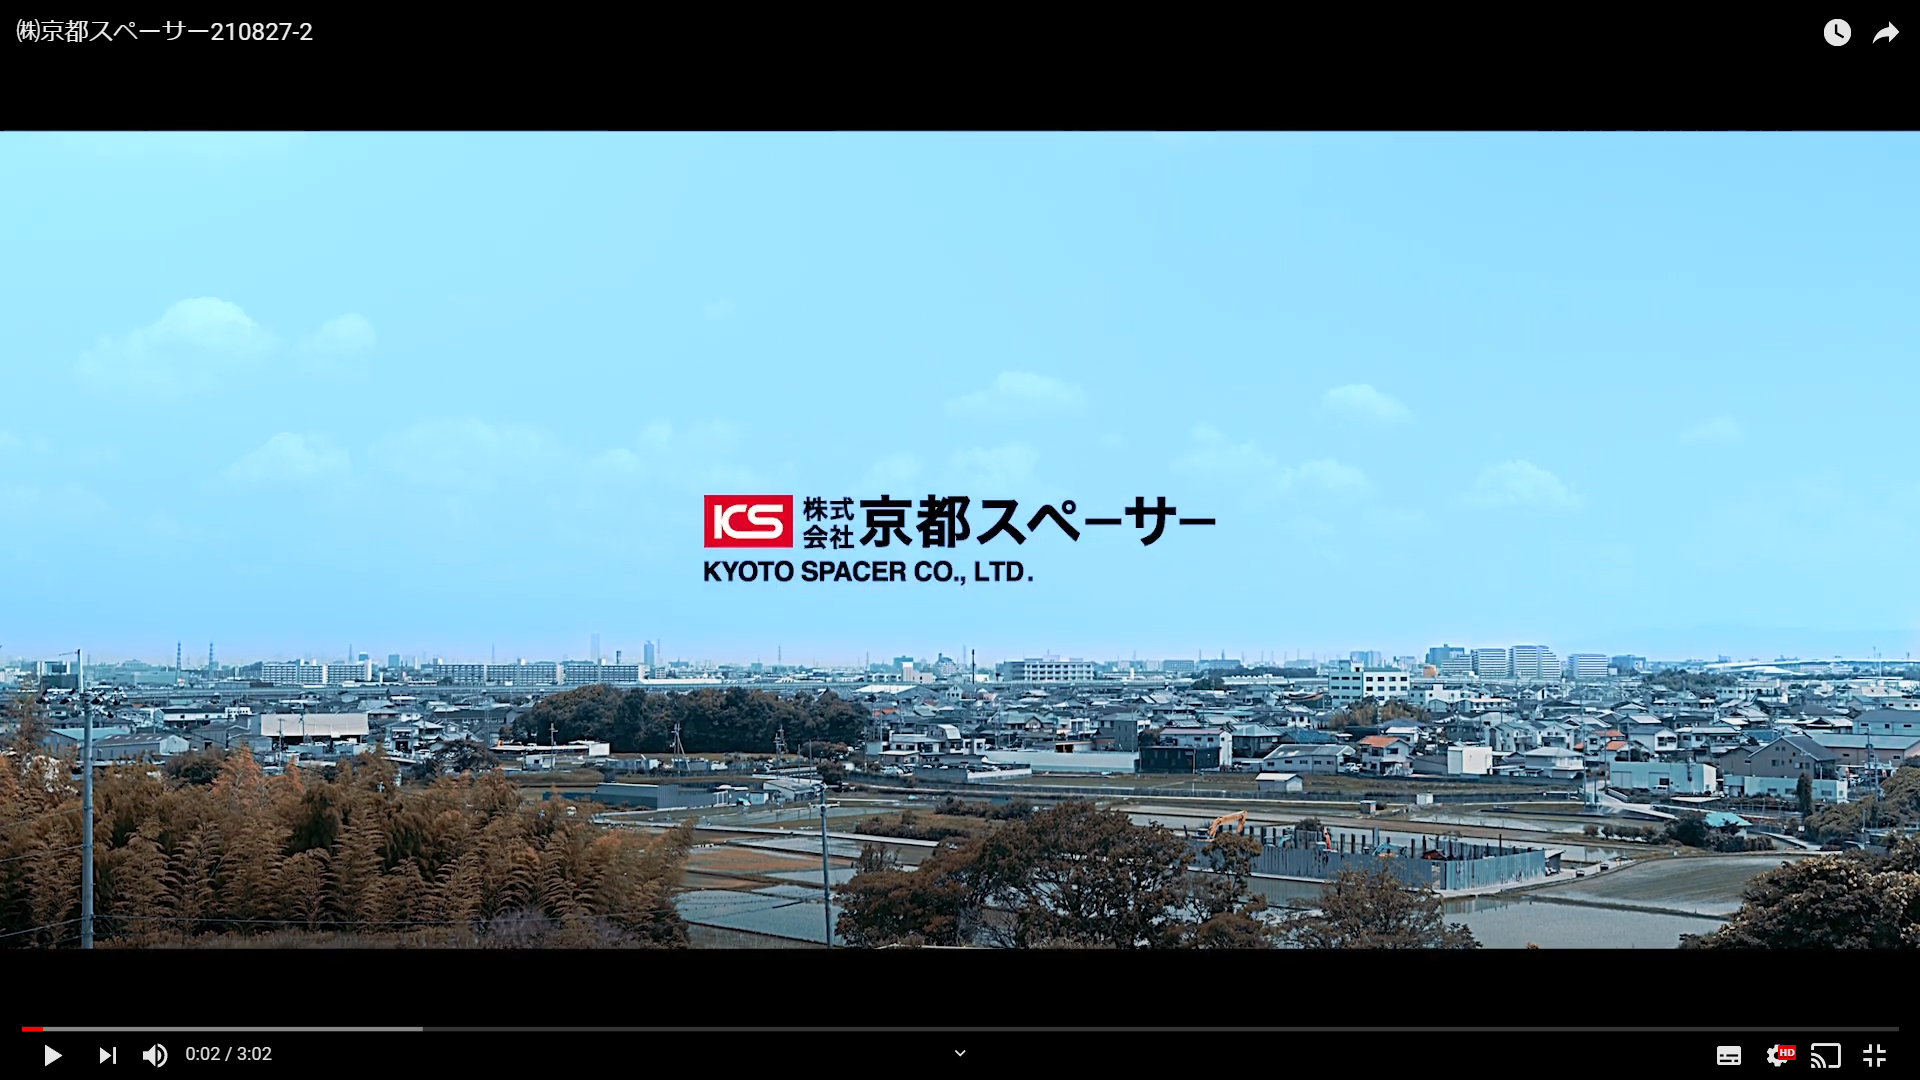 ㈱京都スペーサー企業MV